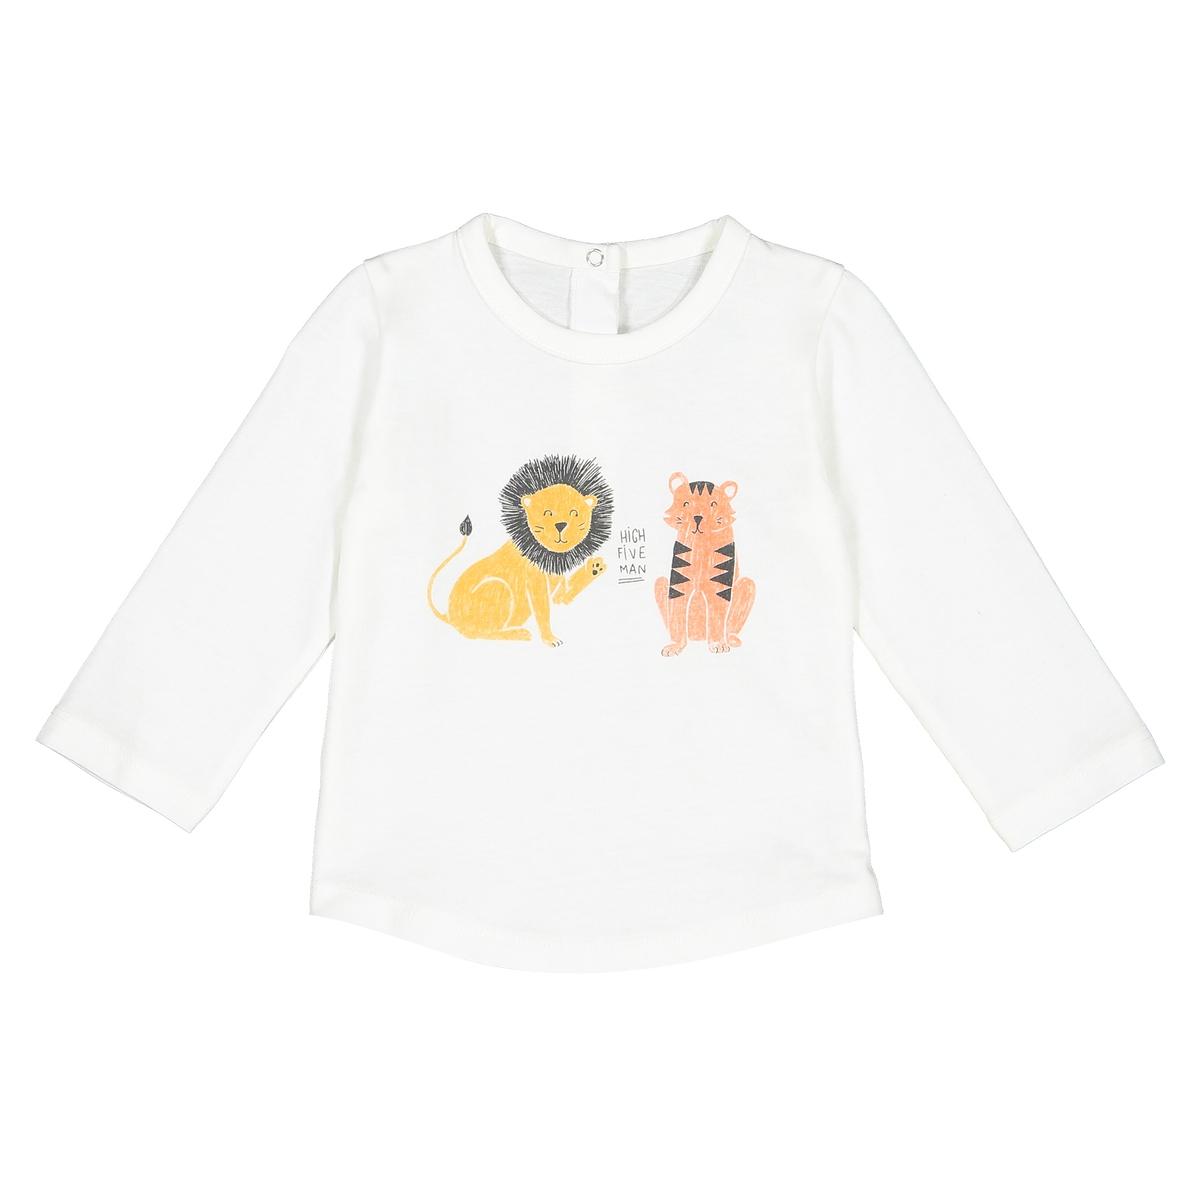 Футболка La Redoute С рисунком и длинными рукавами мес - года 2 года - 86 см бежевый футболки la redoute с длинными рукавами мес года 2 года 86 см разноцветный